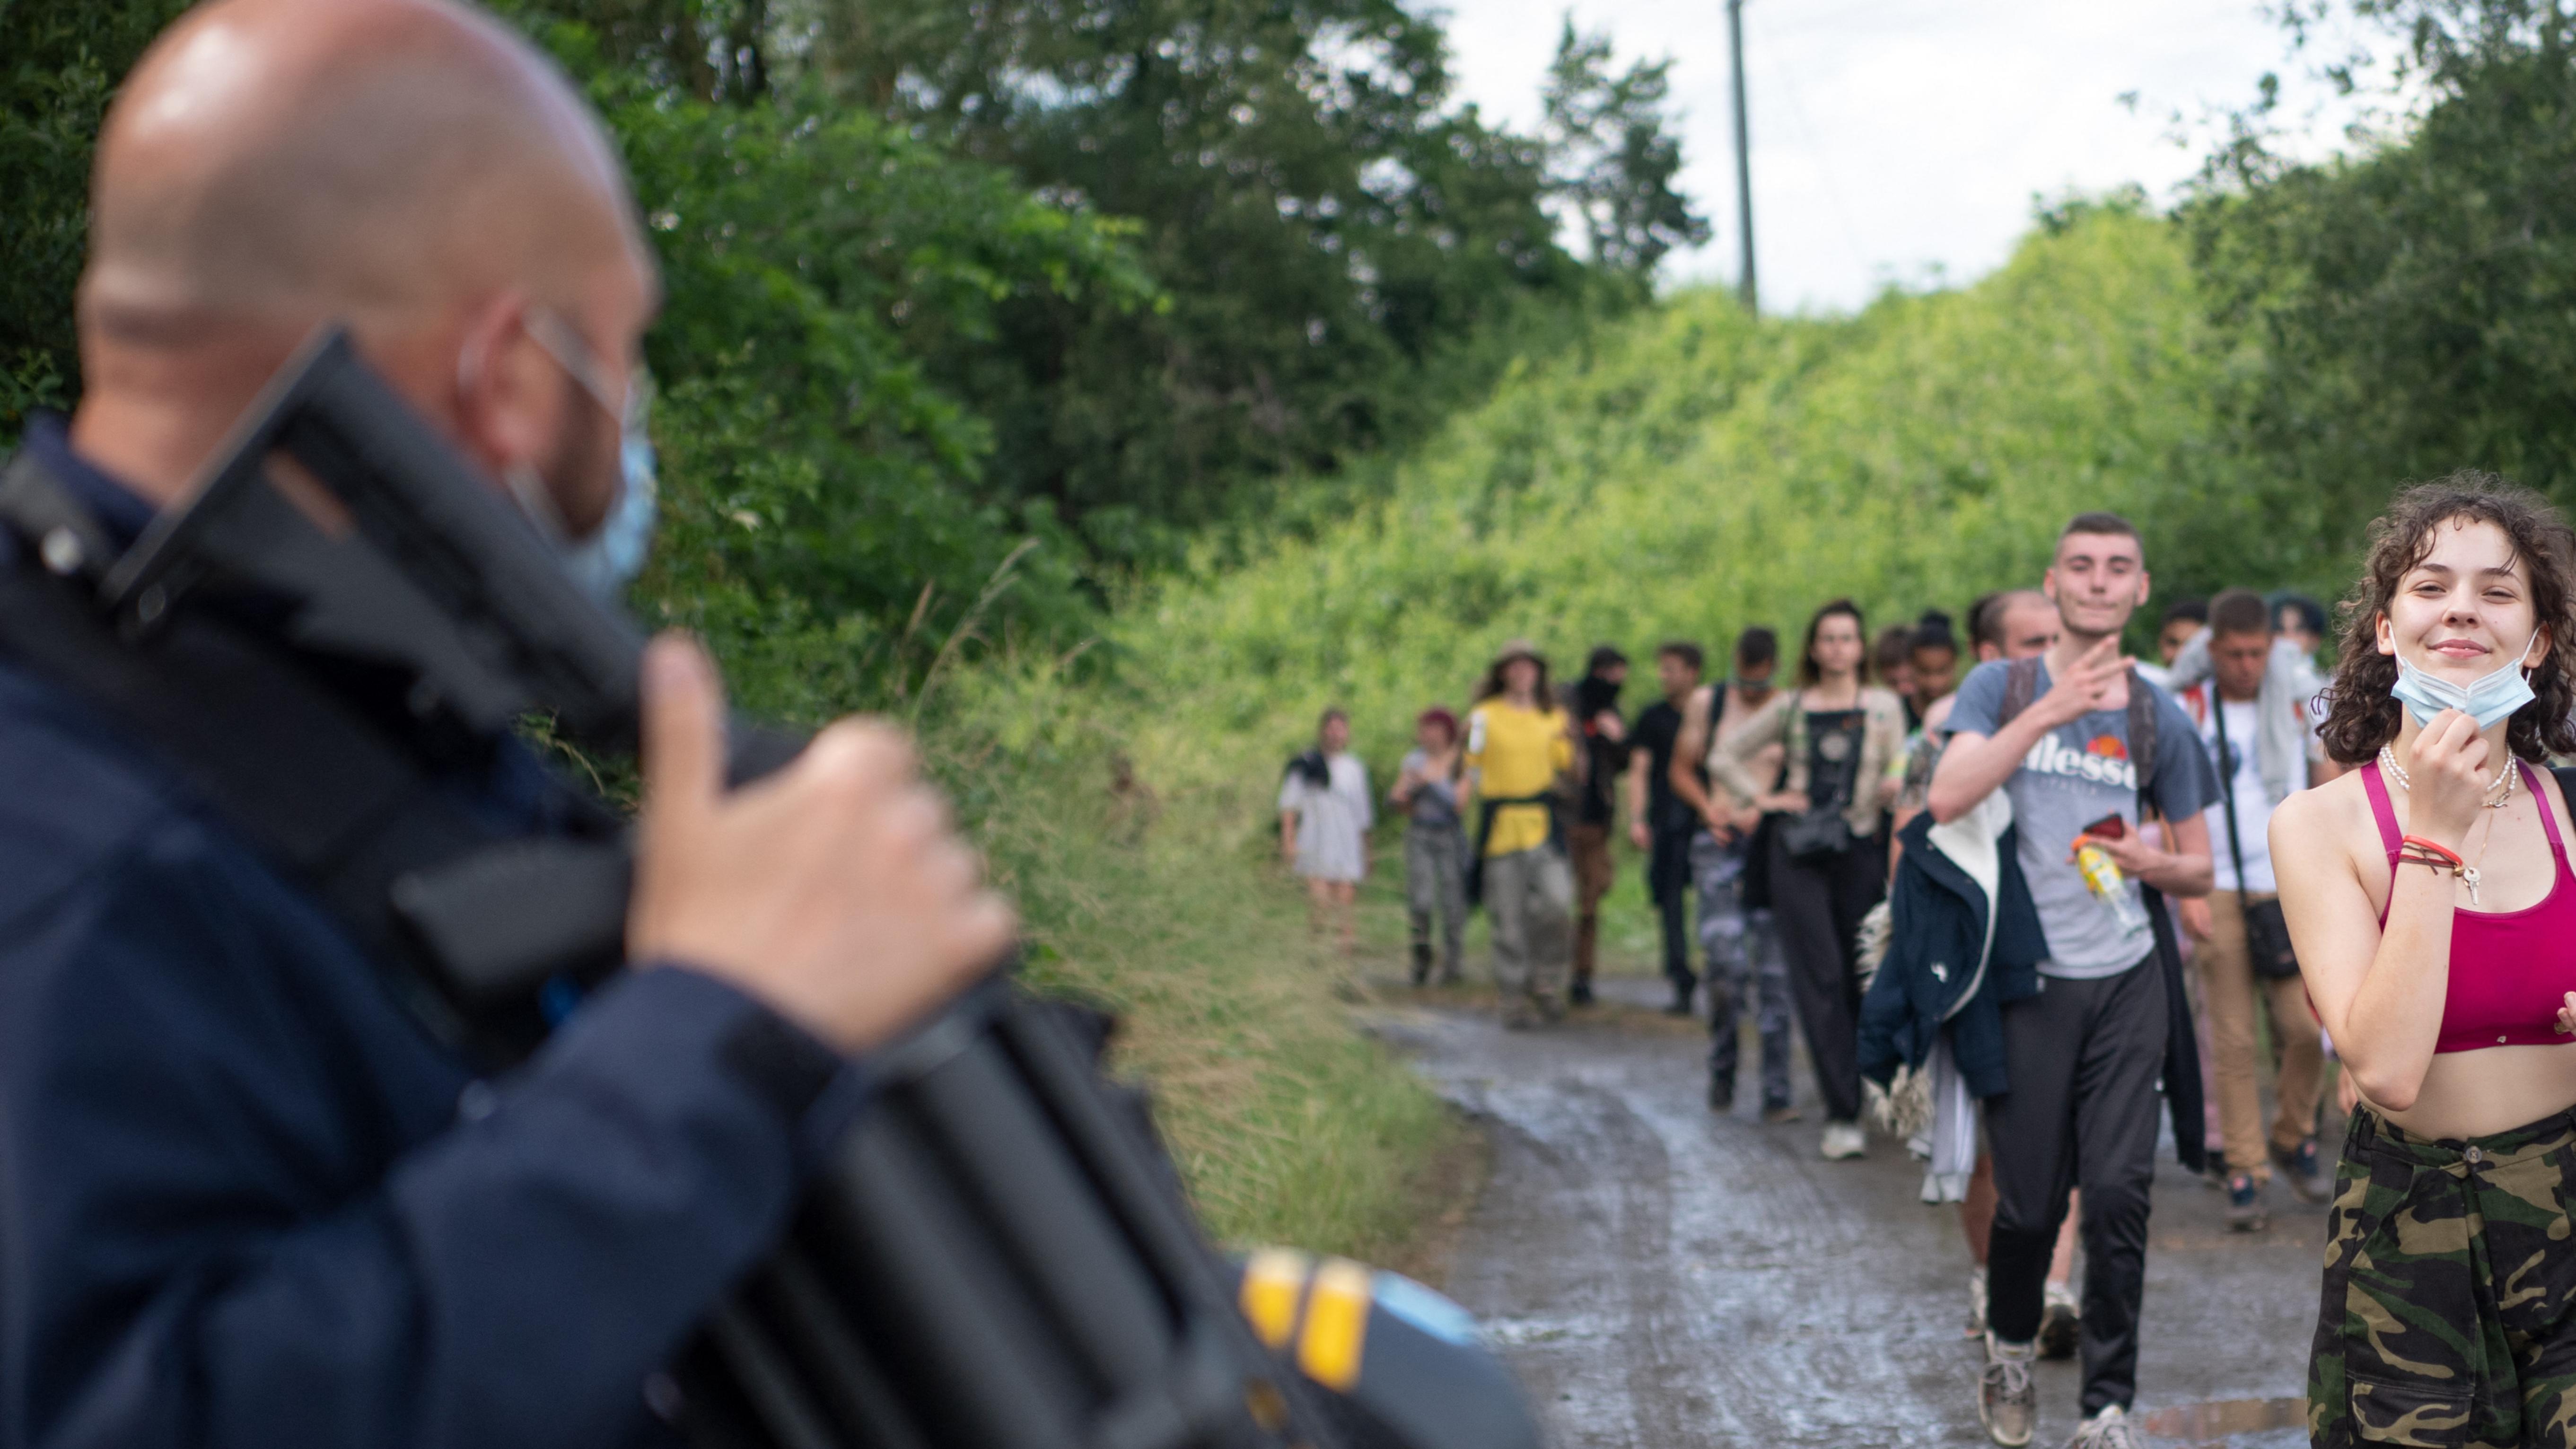 Agentes de policía evacuan a los asistentes a la fiesta después de una fiesta rave ilegal en un campo en Redon, noroeste de Francia.